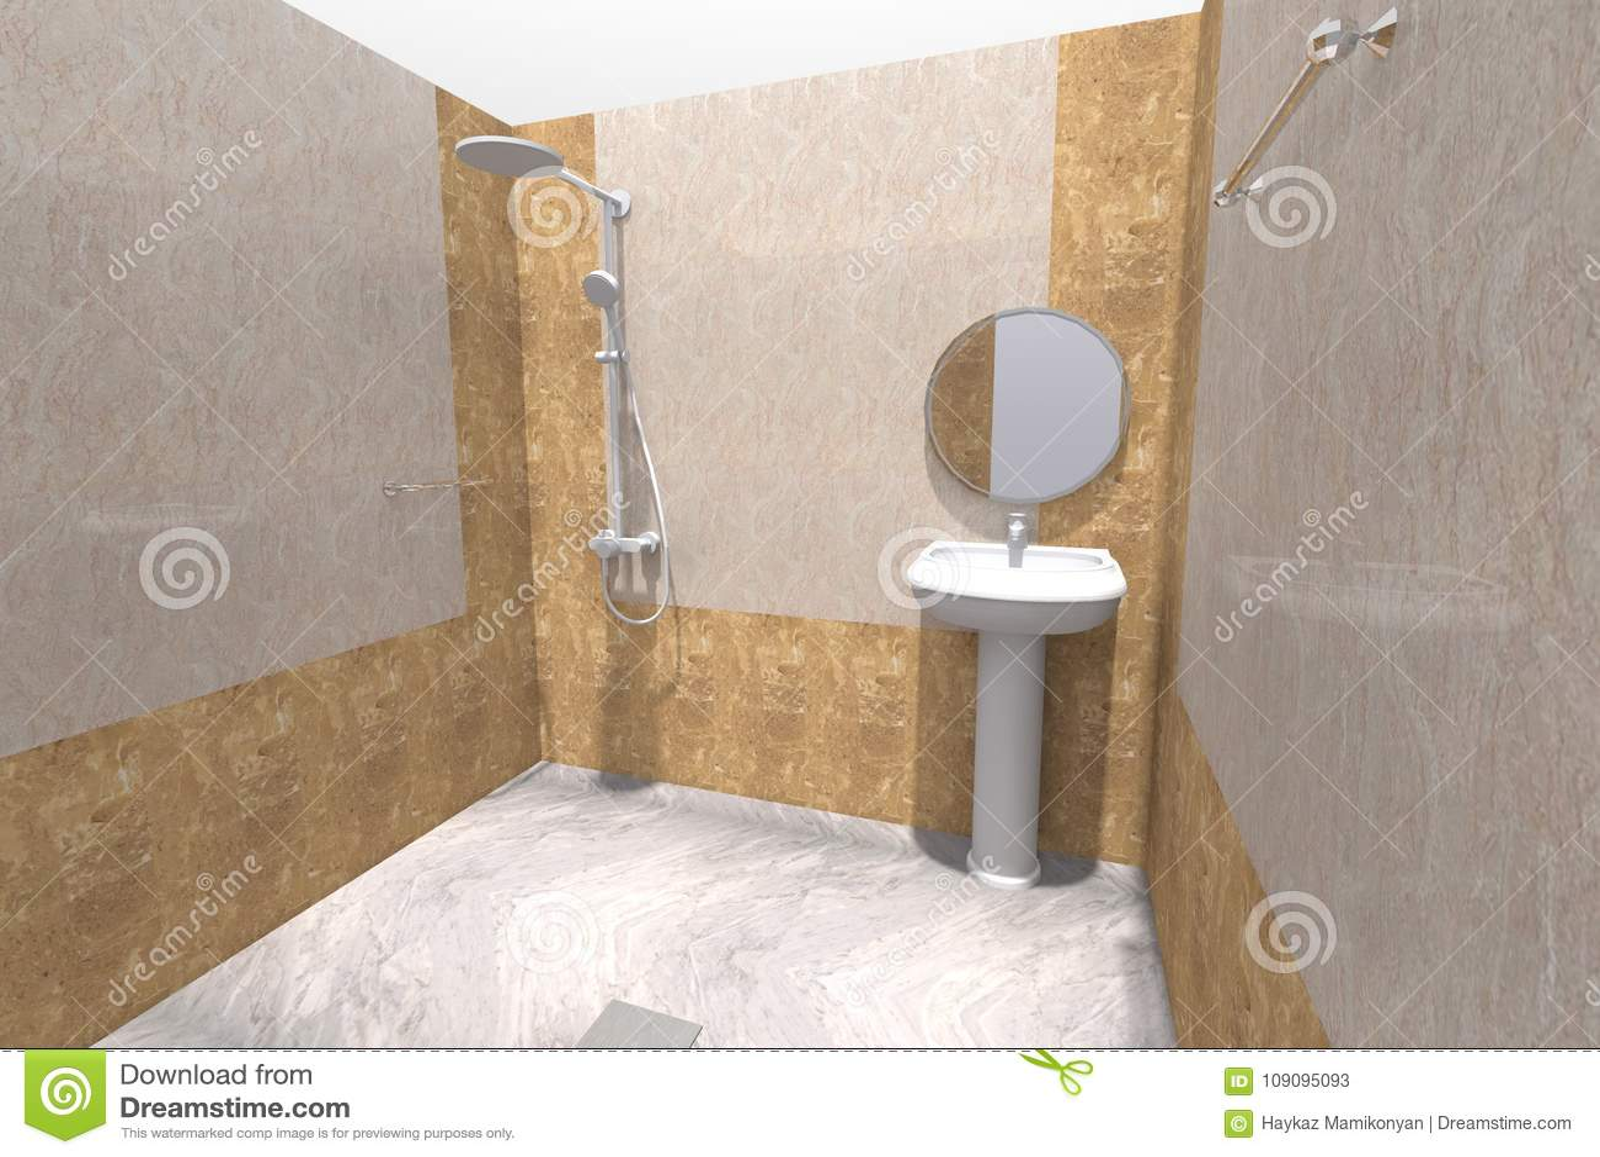 3D Bathroom Interior Render In Armenia Stock Illustration